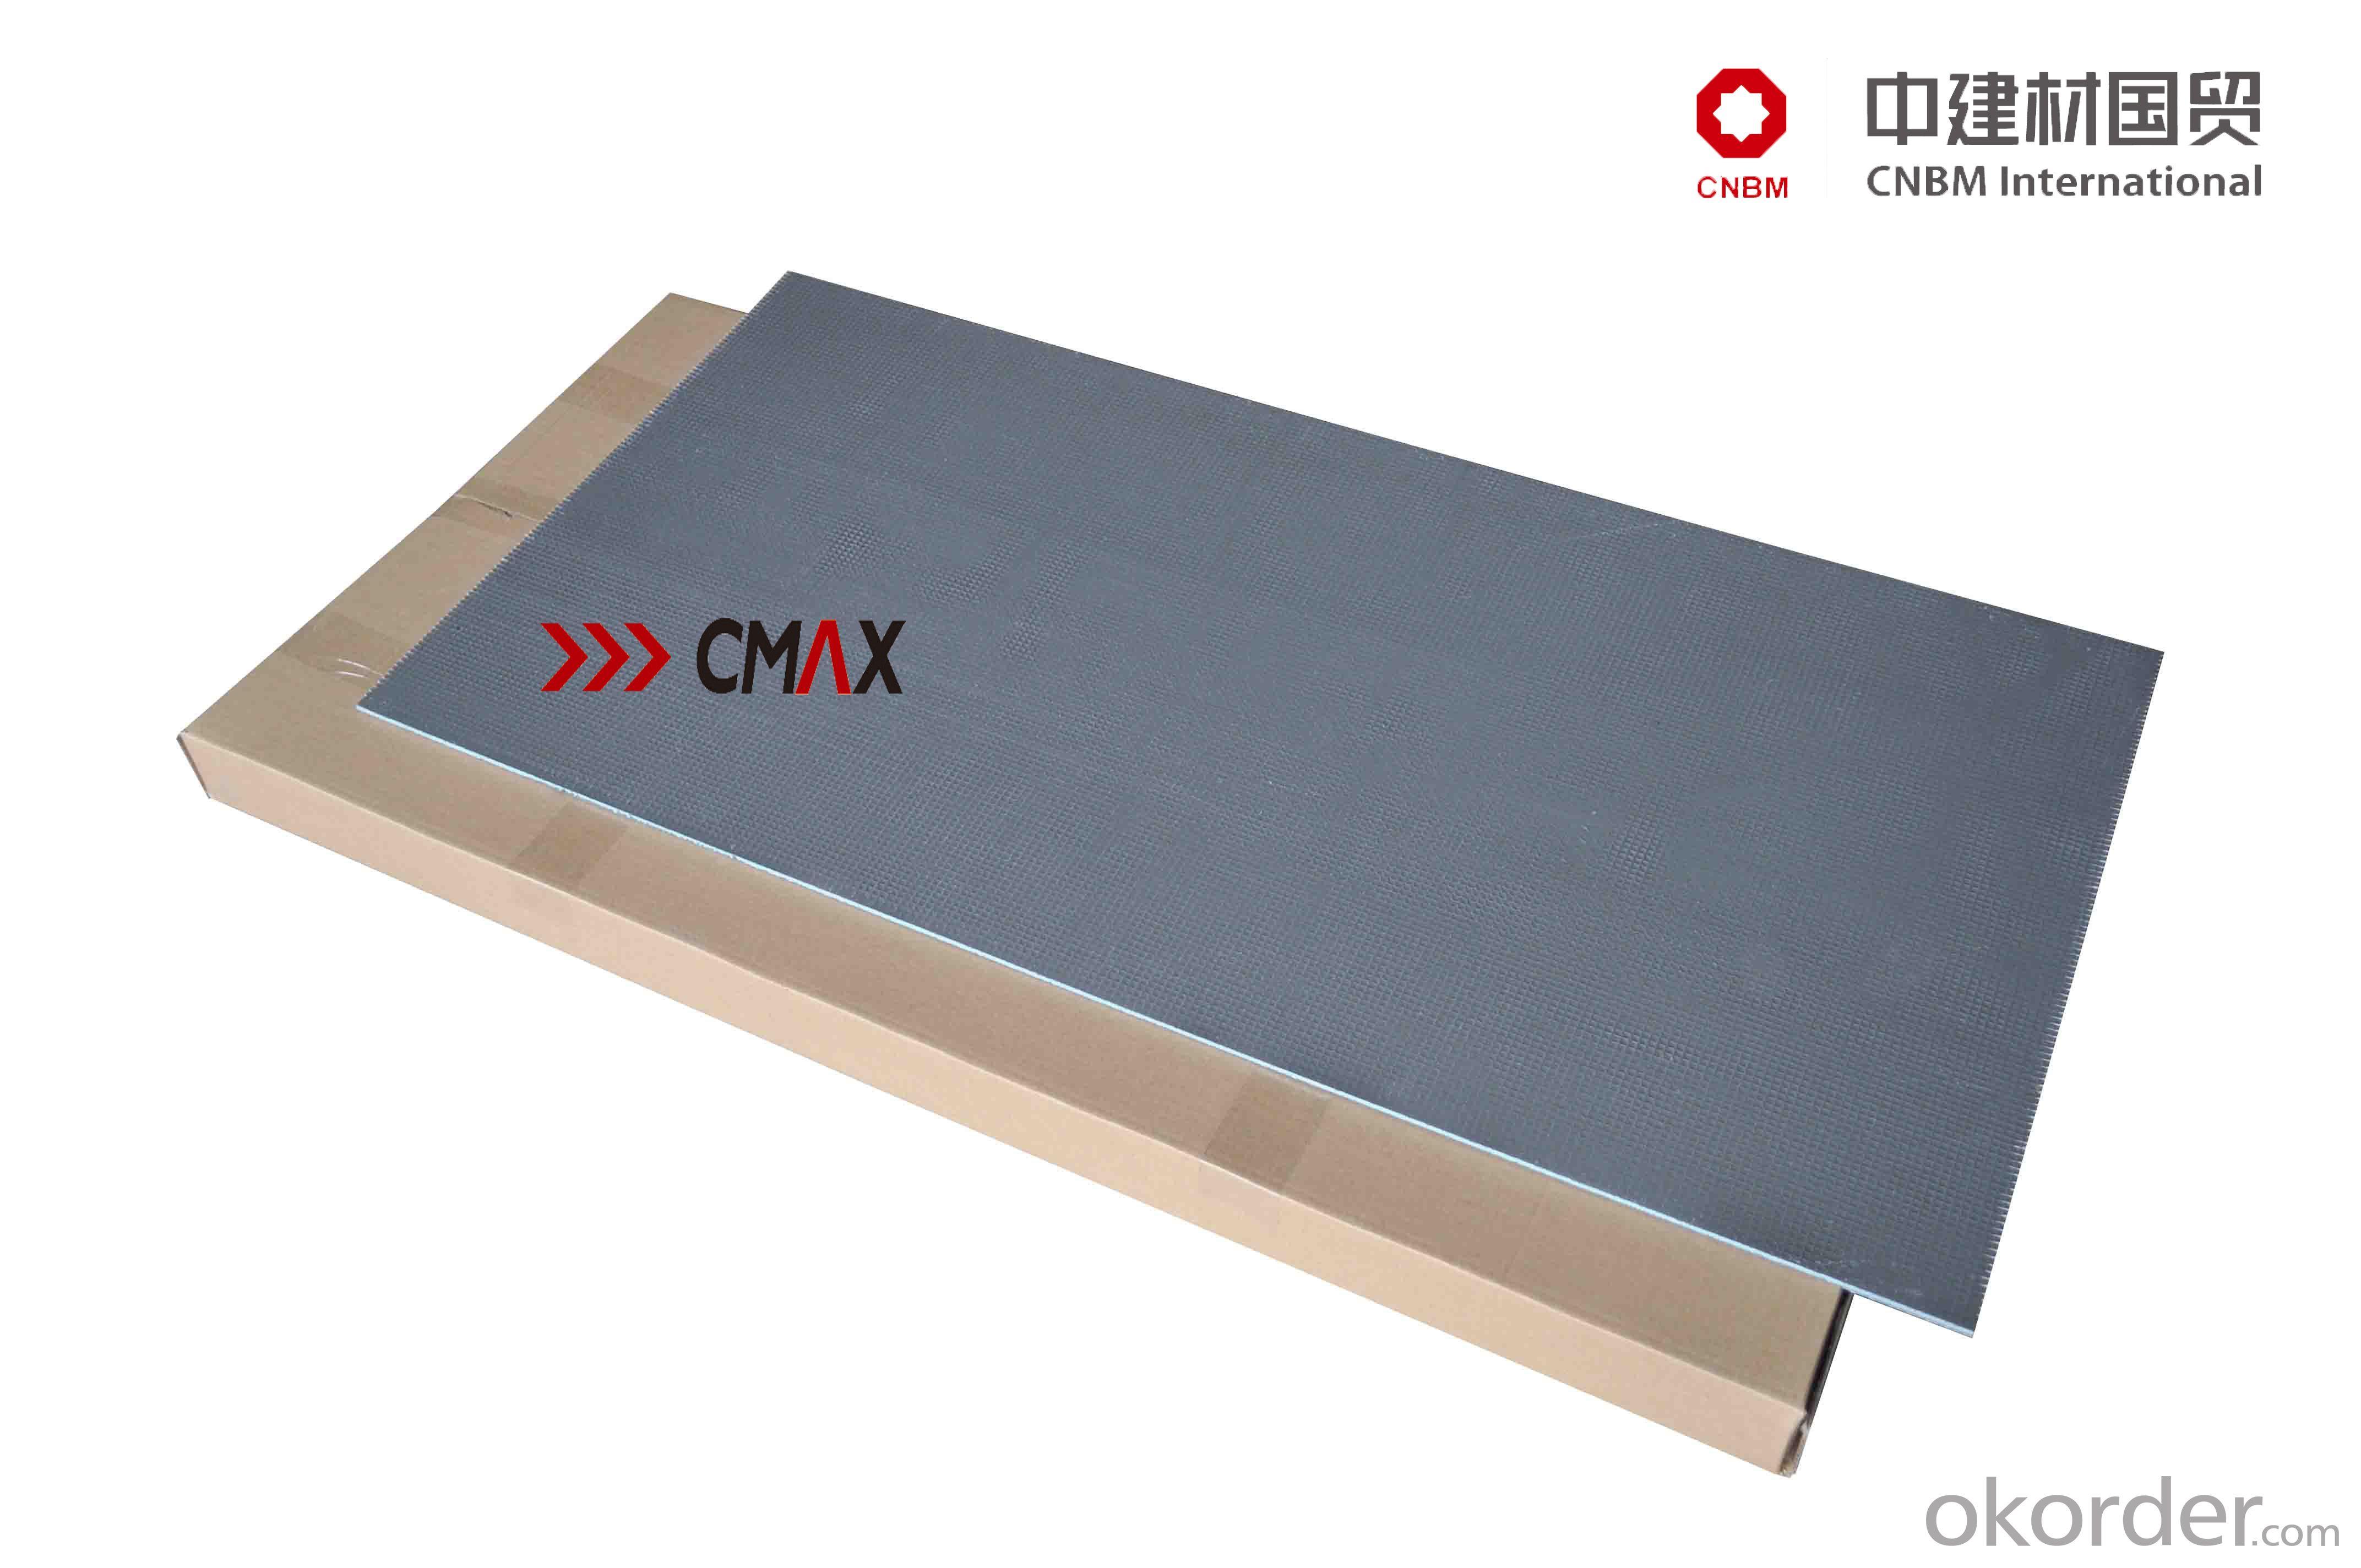 Buy Bathroom Tile Backer Board Cmax Brand In China Price